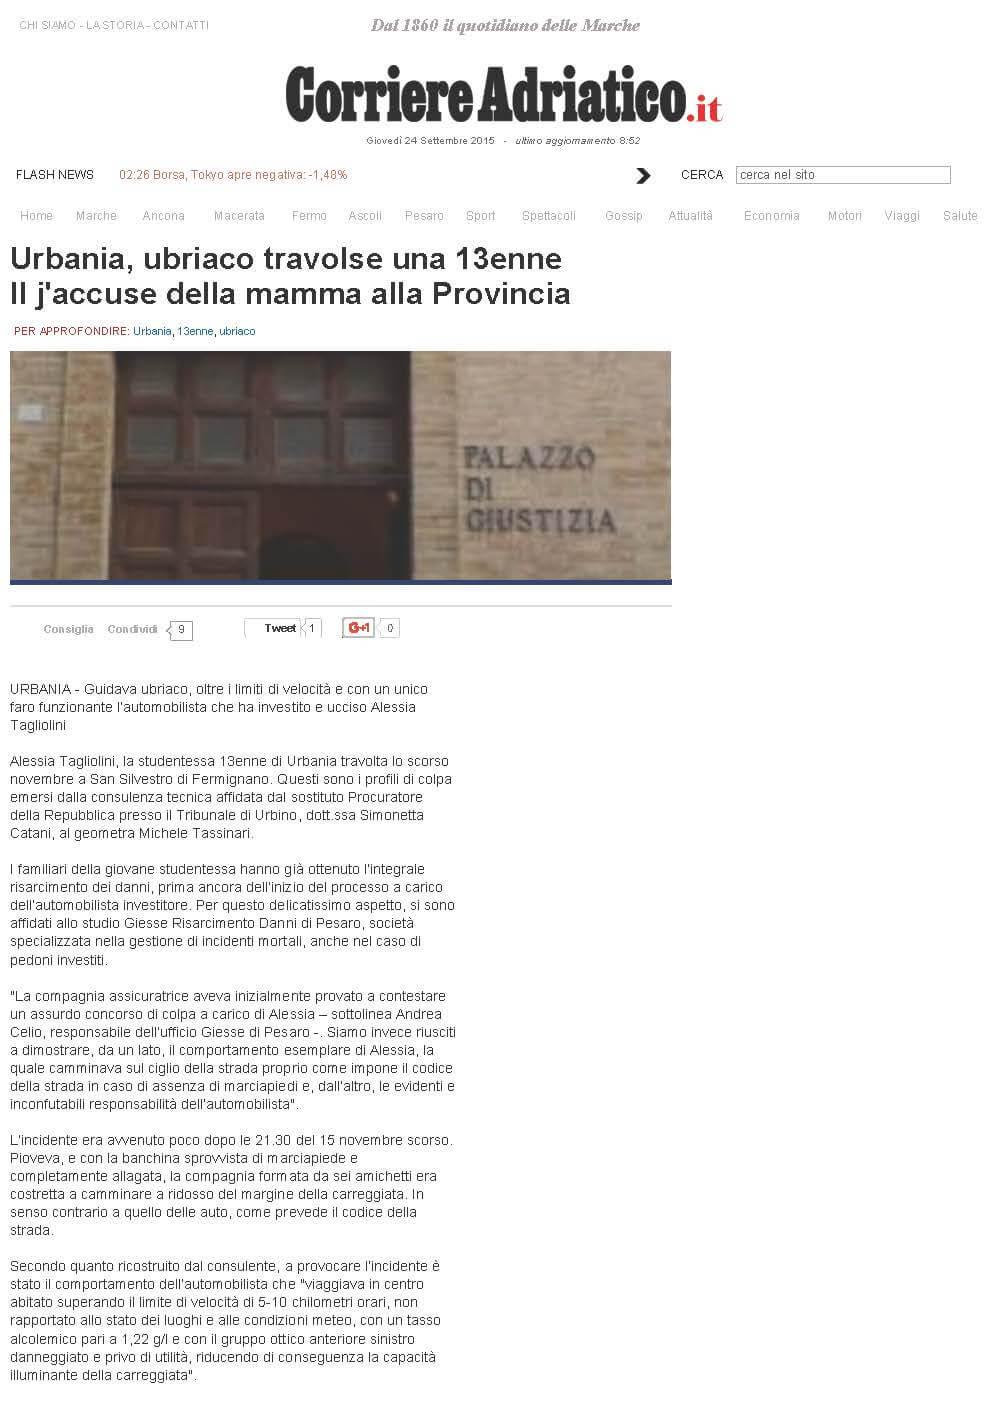 Tagliolini Corr Adriatico S_Pagina_1